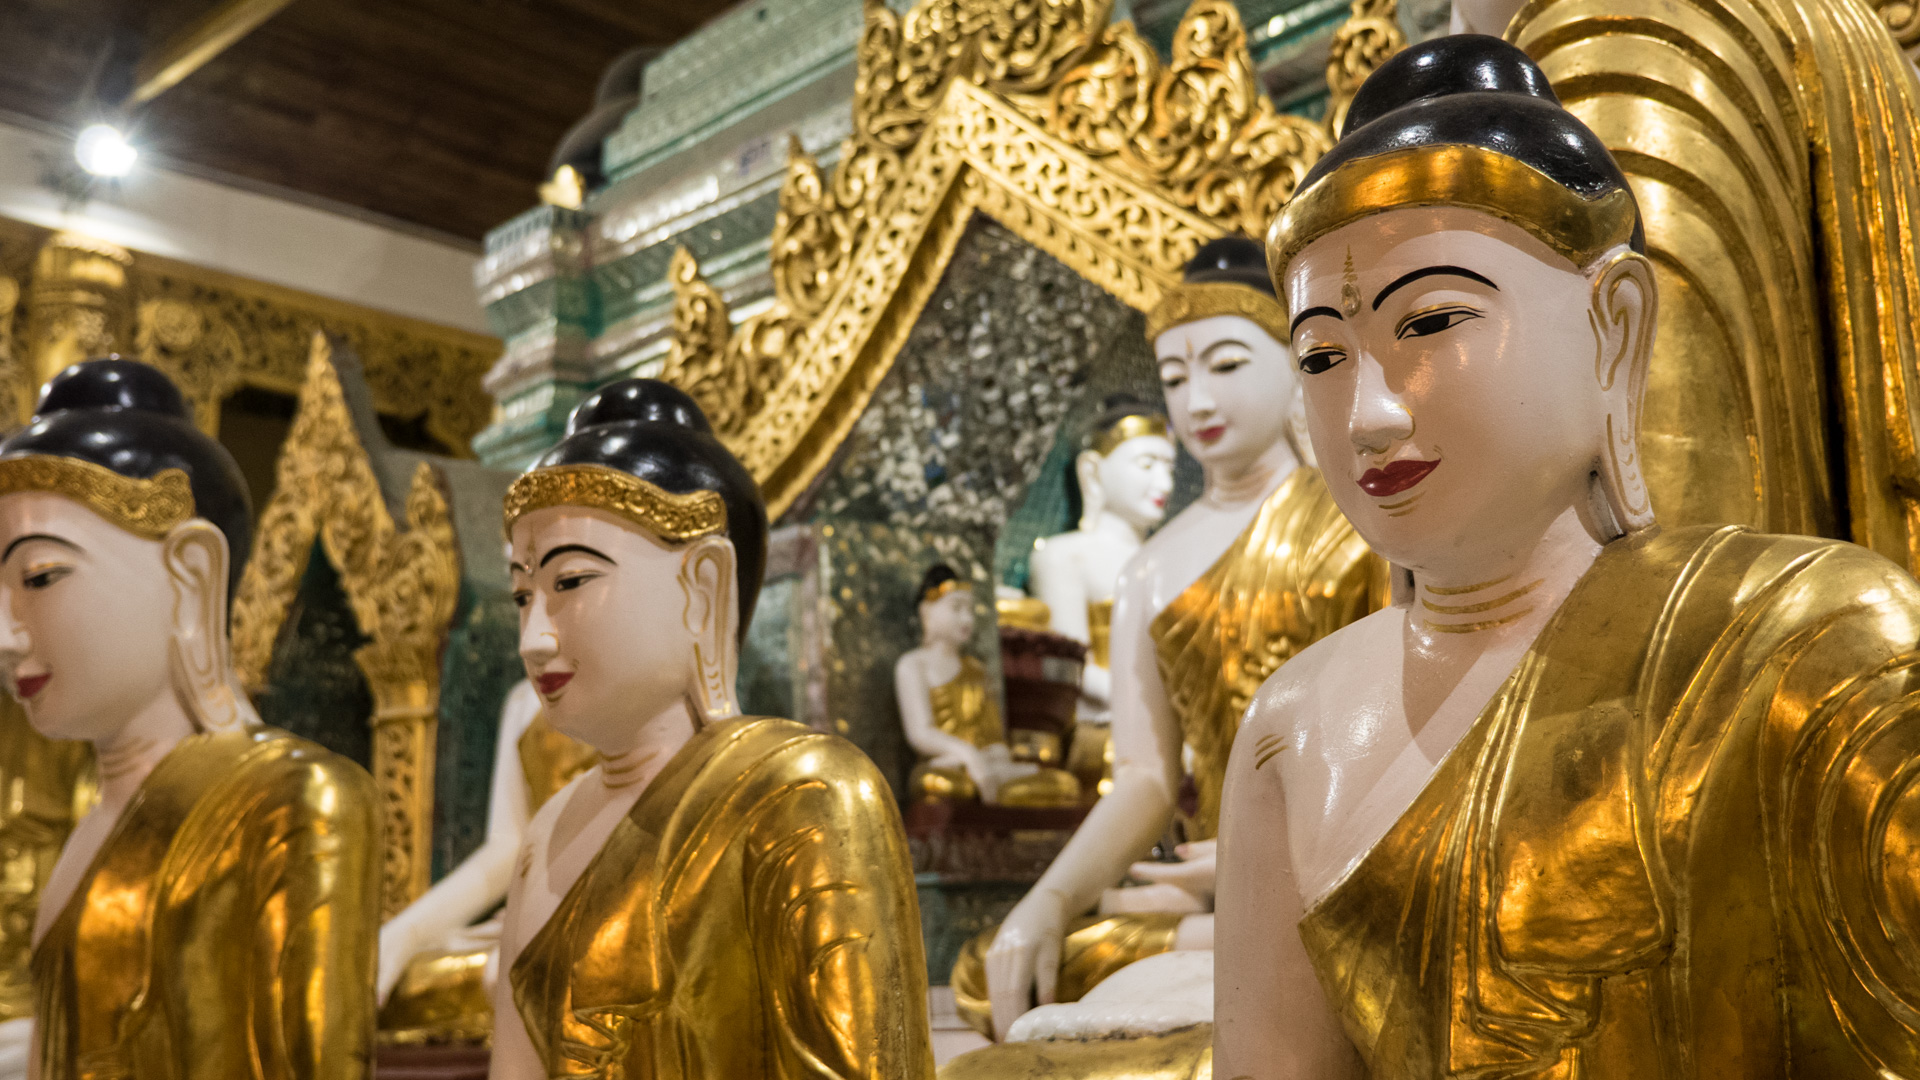 Der Westen versteht Myanmar nicht richtig«